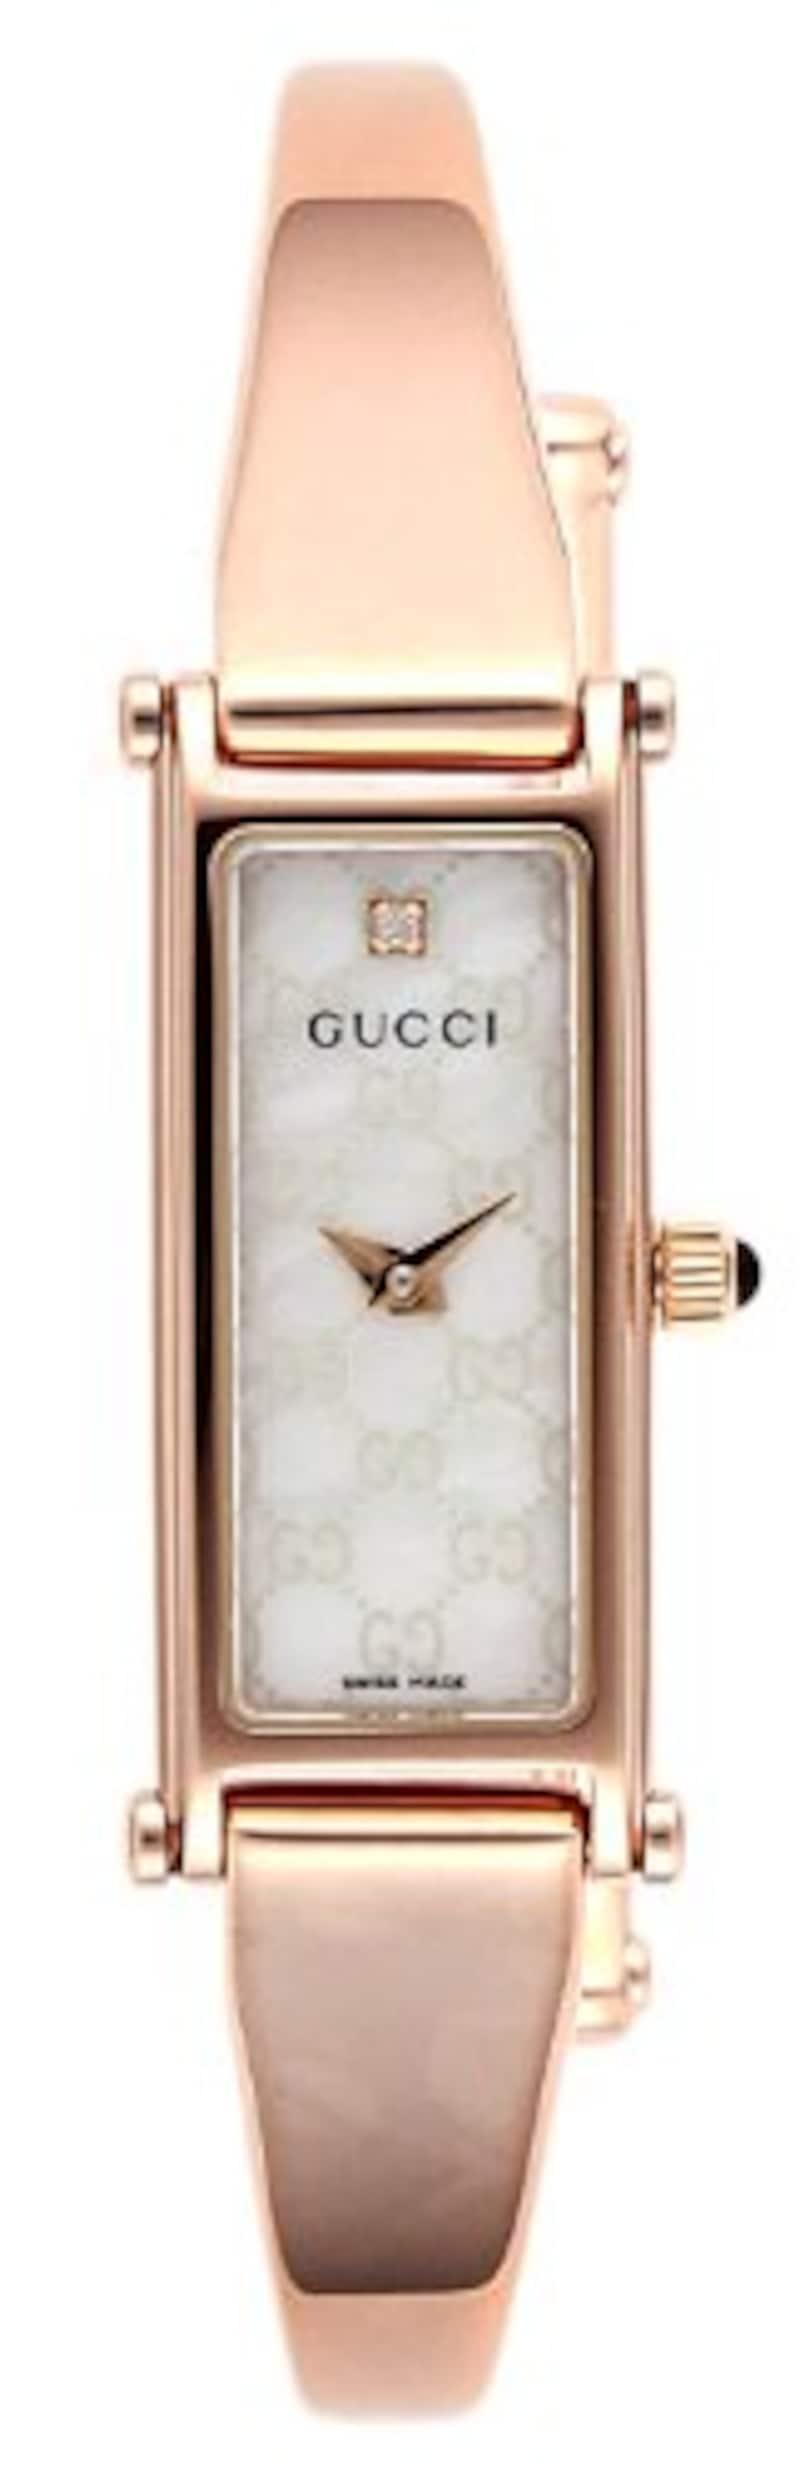 GUCCI(グッチ),腕時計 1500 ピンクゴールド,YA015560